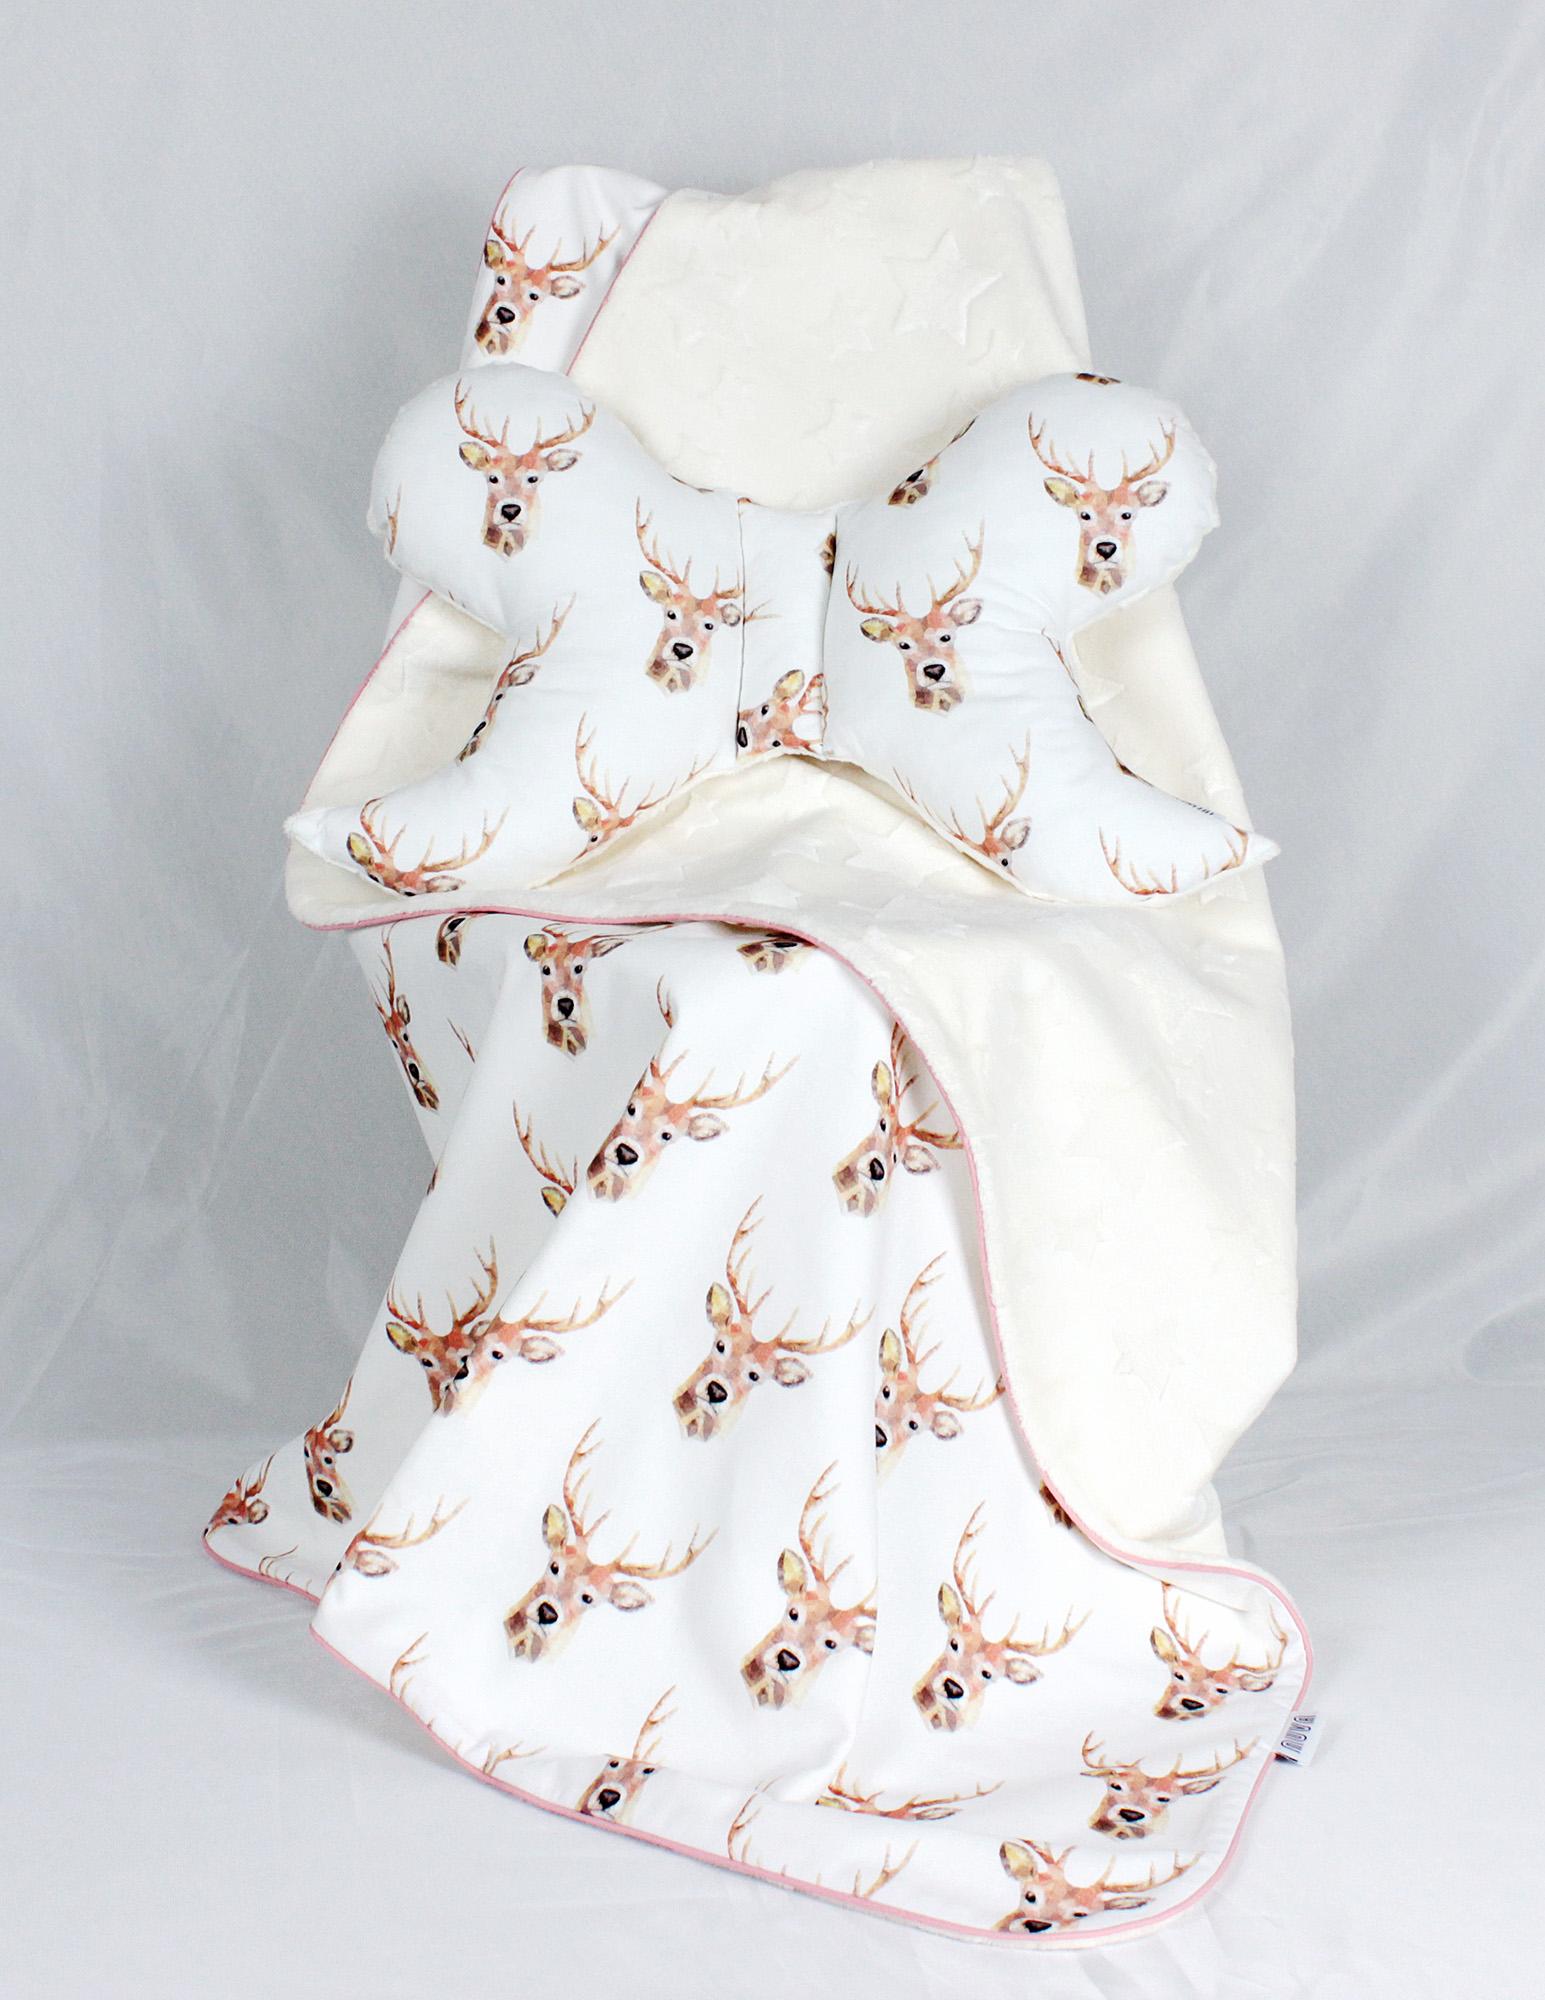 poduszka niemowlaka jeleń